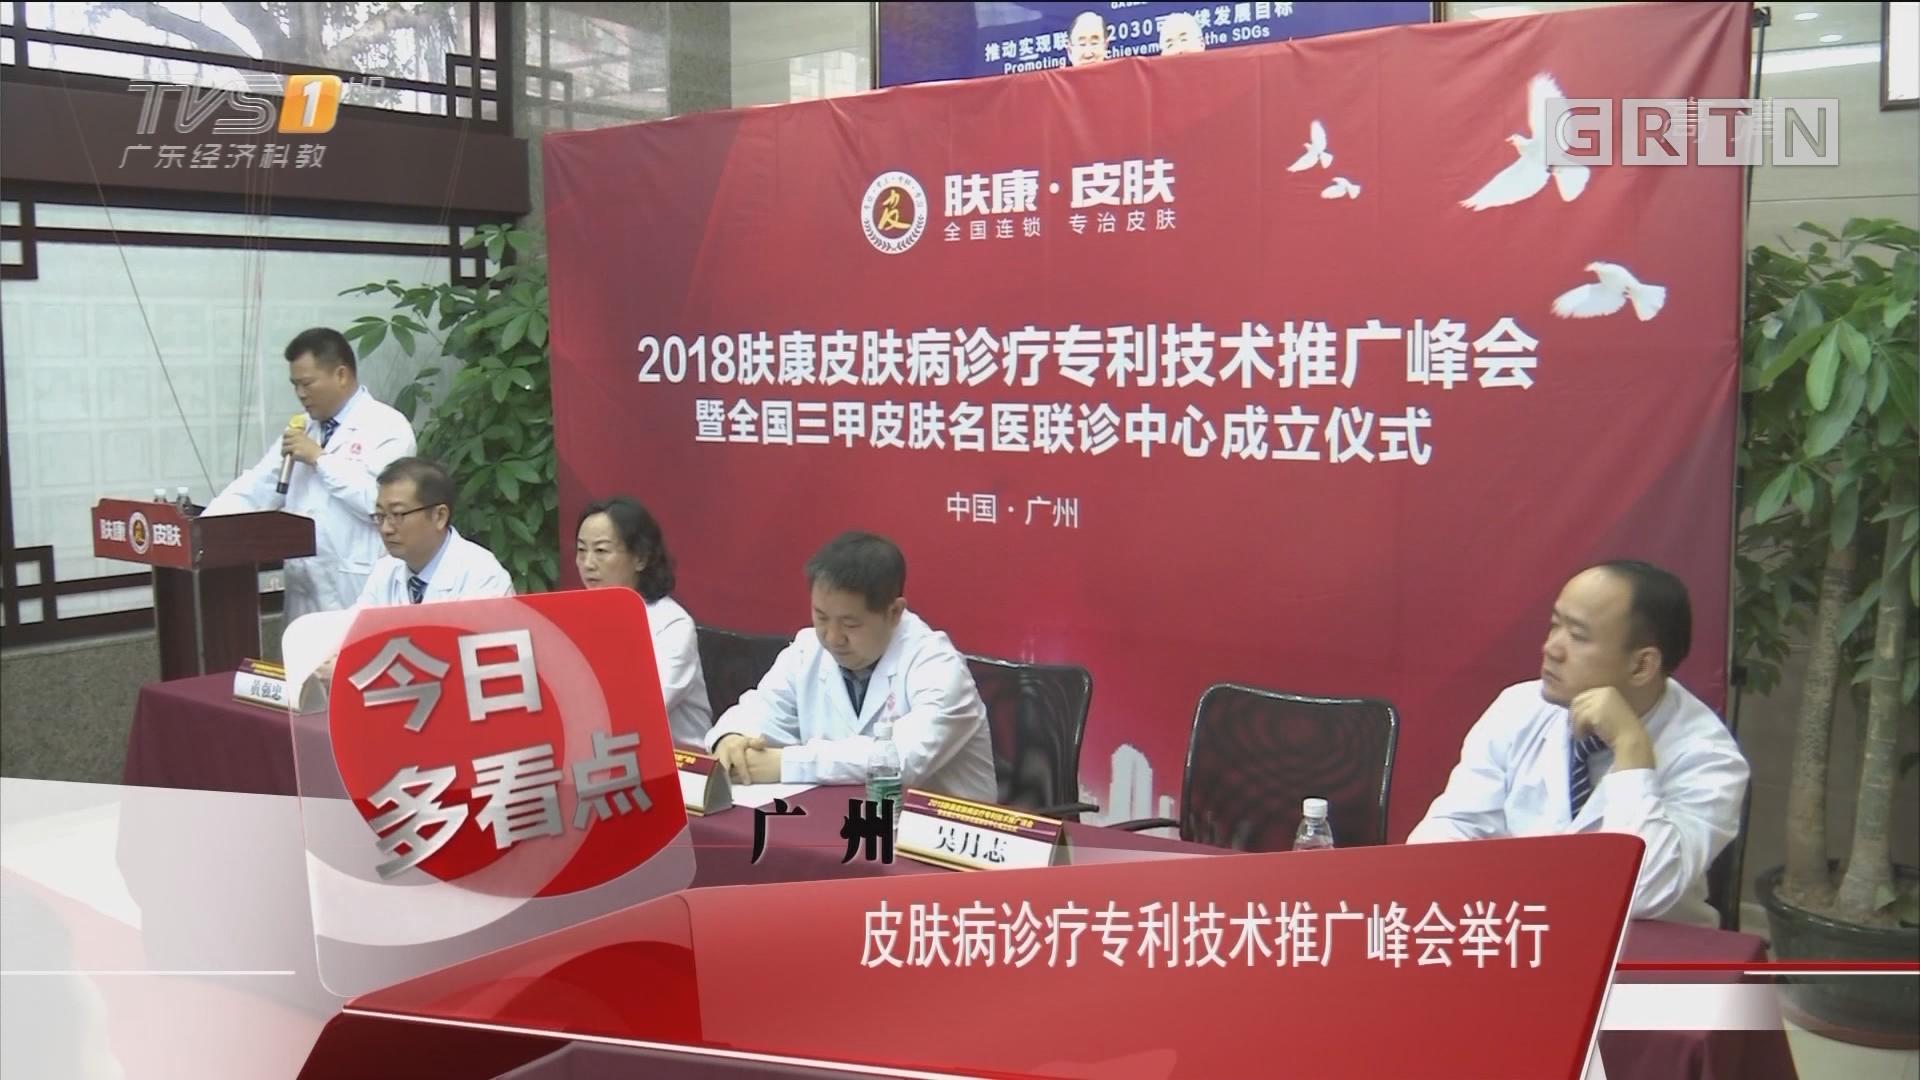 广州:皮肤病诊疗专利技术推广峰会举行